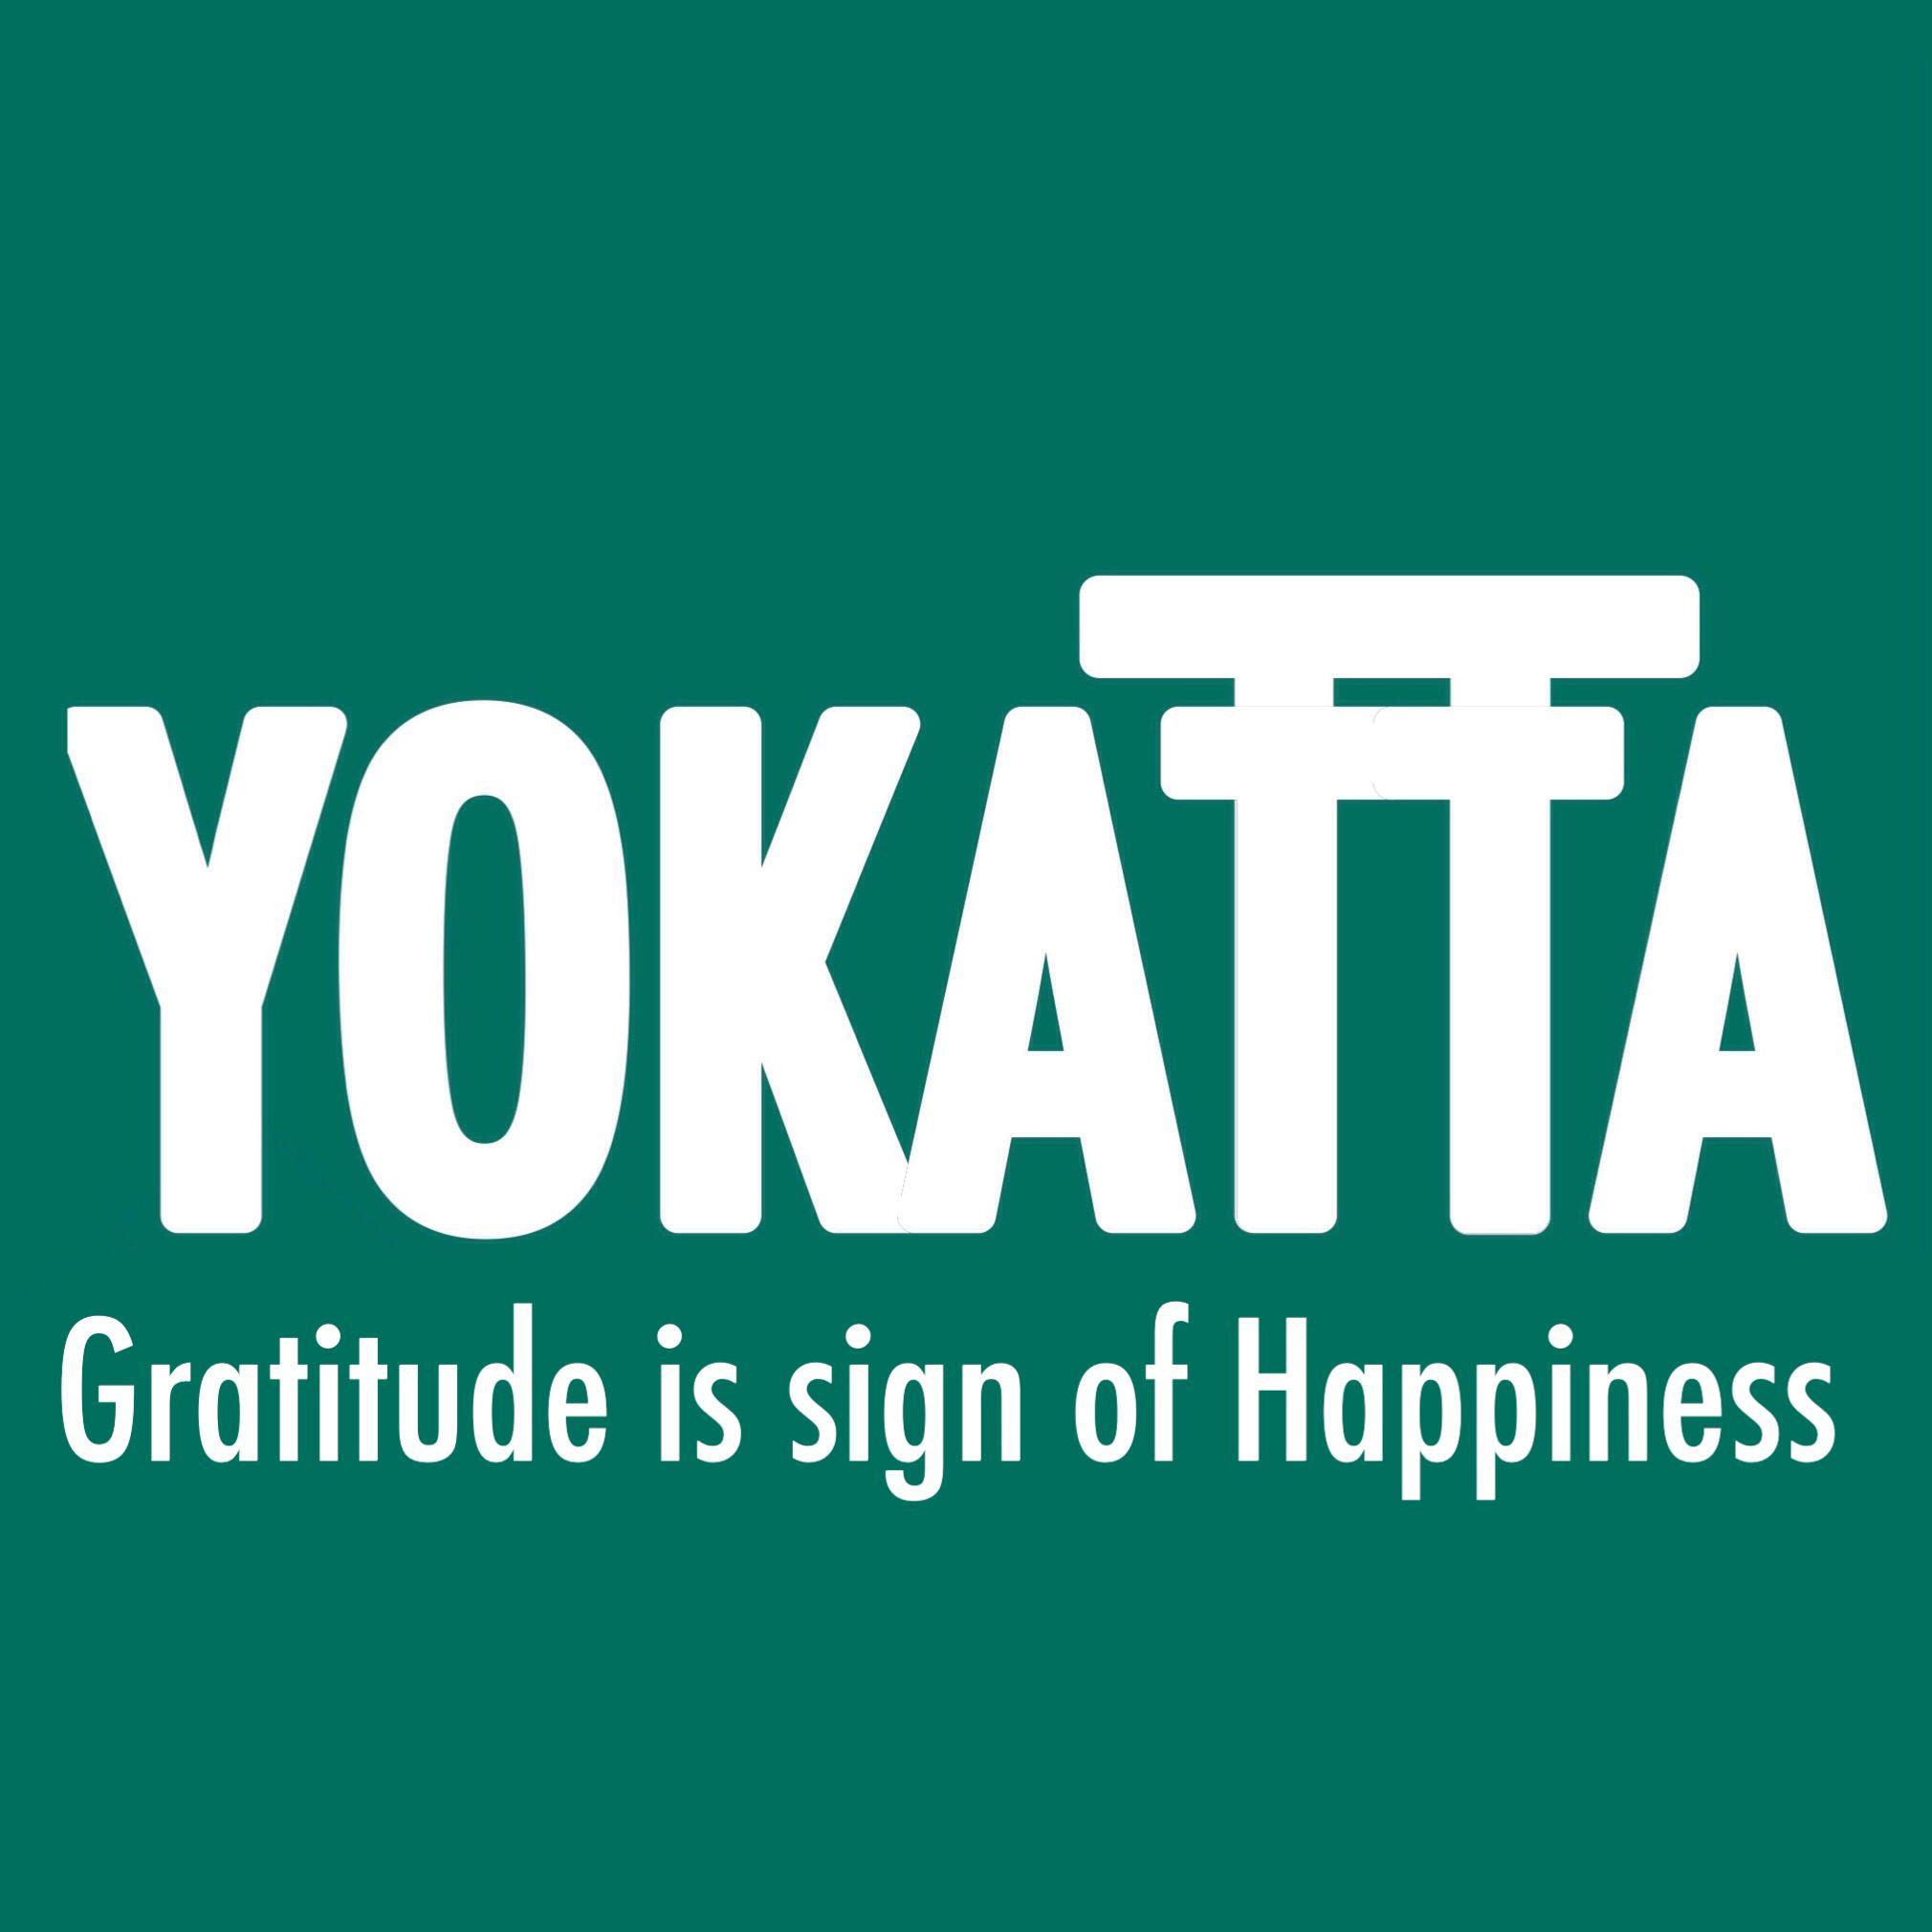 YOKATTA